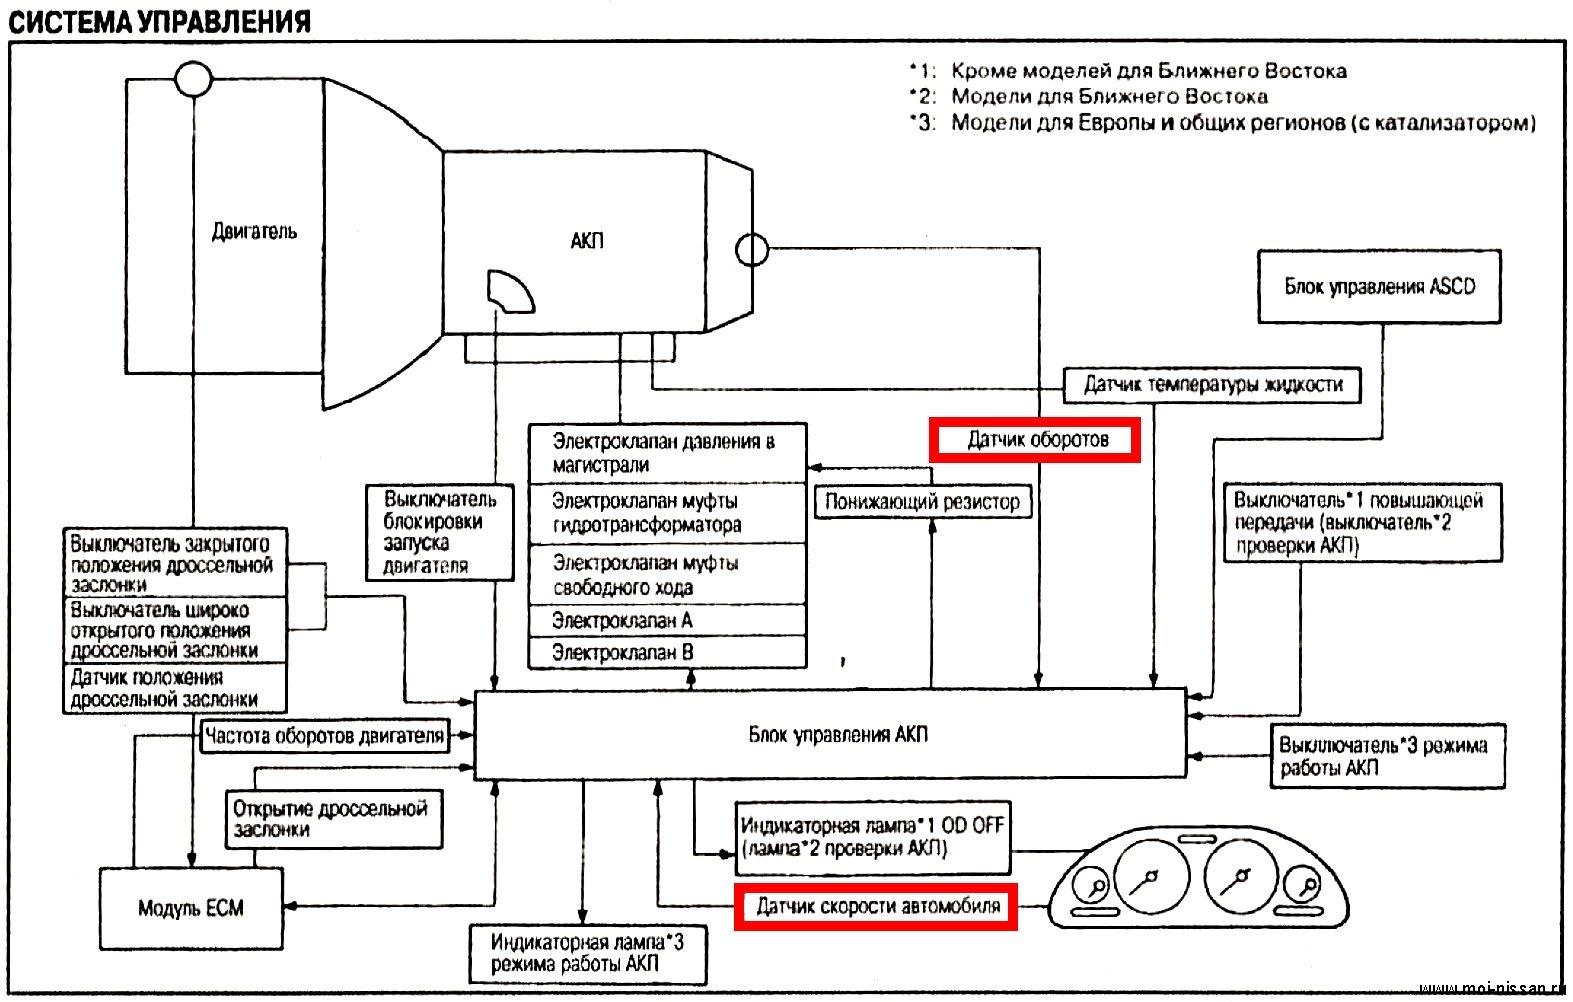 Исходя из фактов представленой картинки-схемы работы АКПП Ниссан.  Читать выделенные красным блоки.